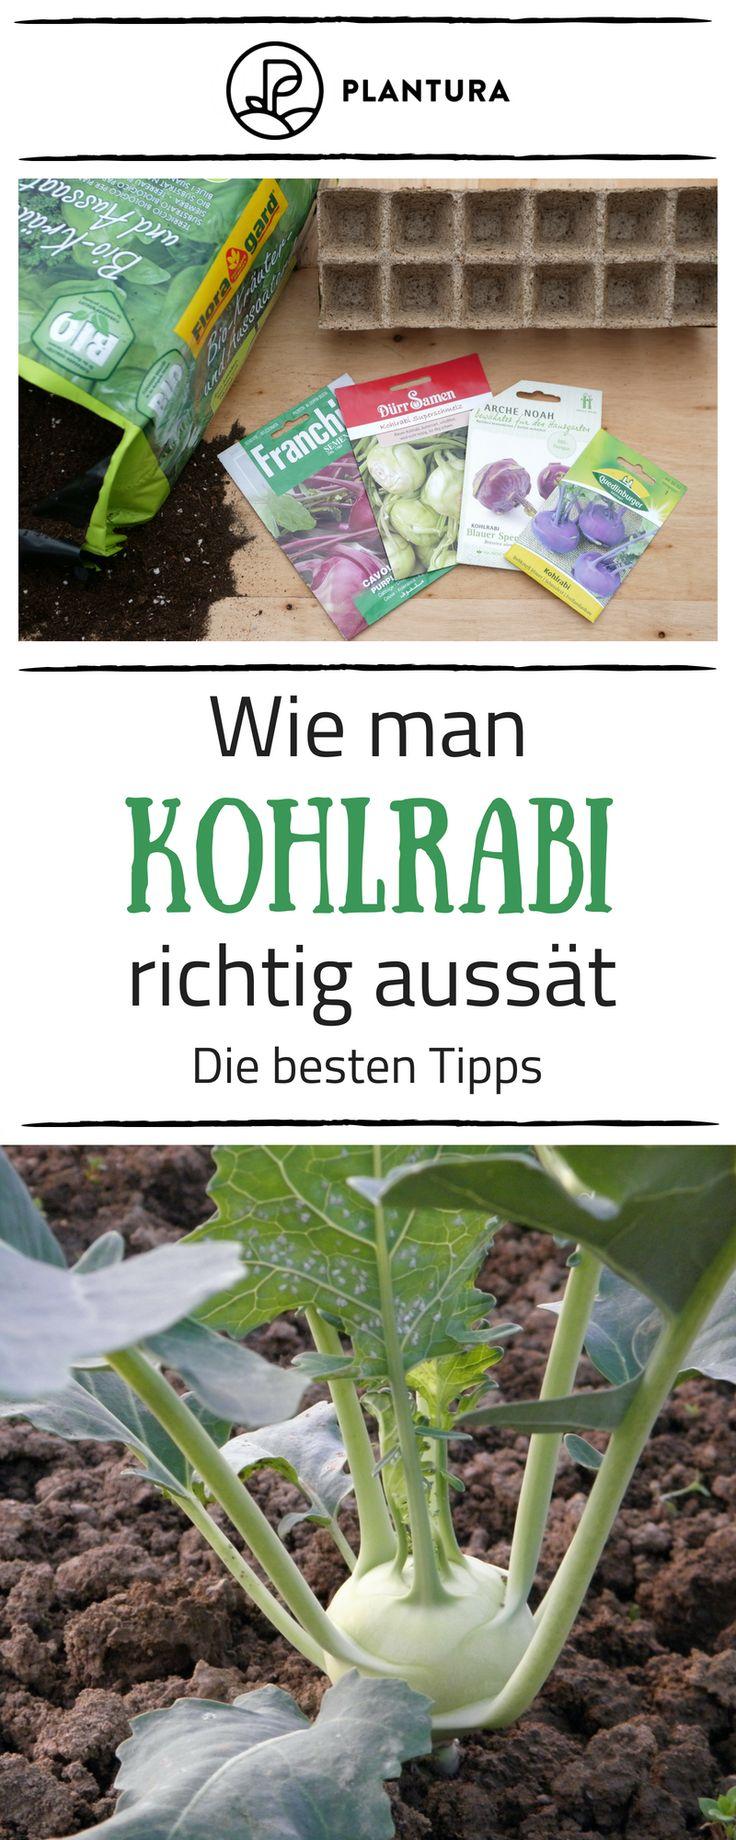 Kohlrabi pflanzen: Kohlrabi im eigenen Garten anbauen